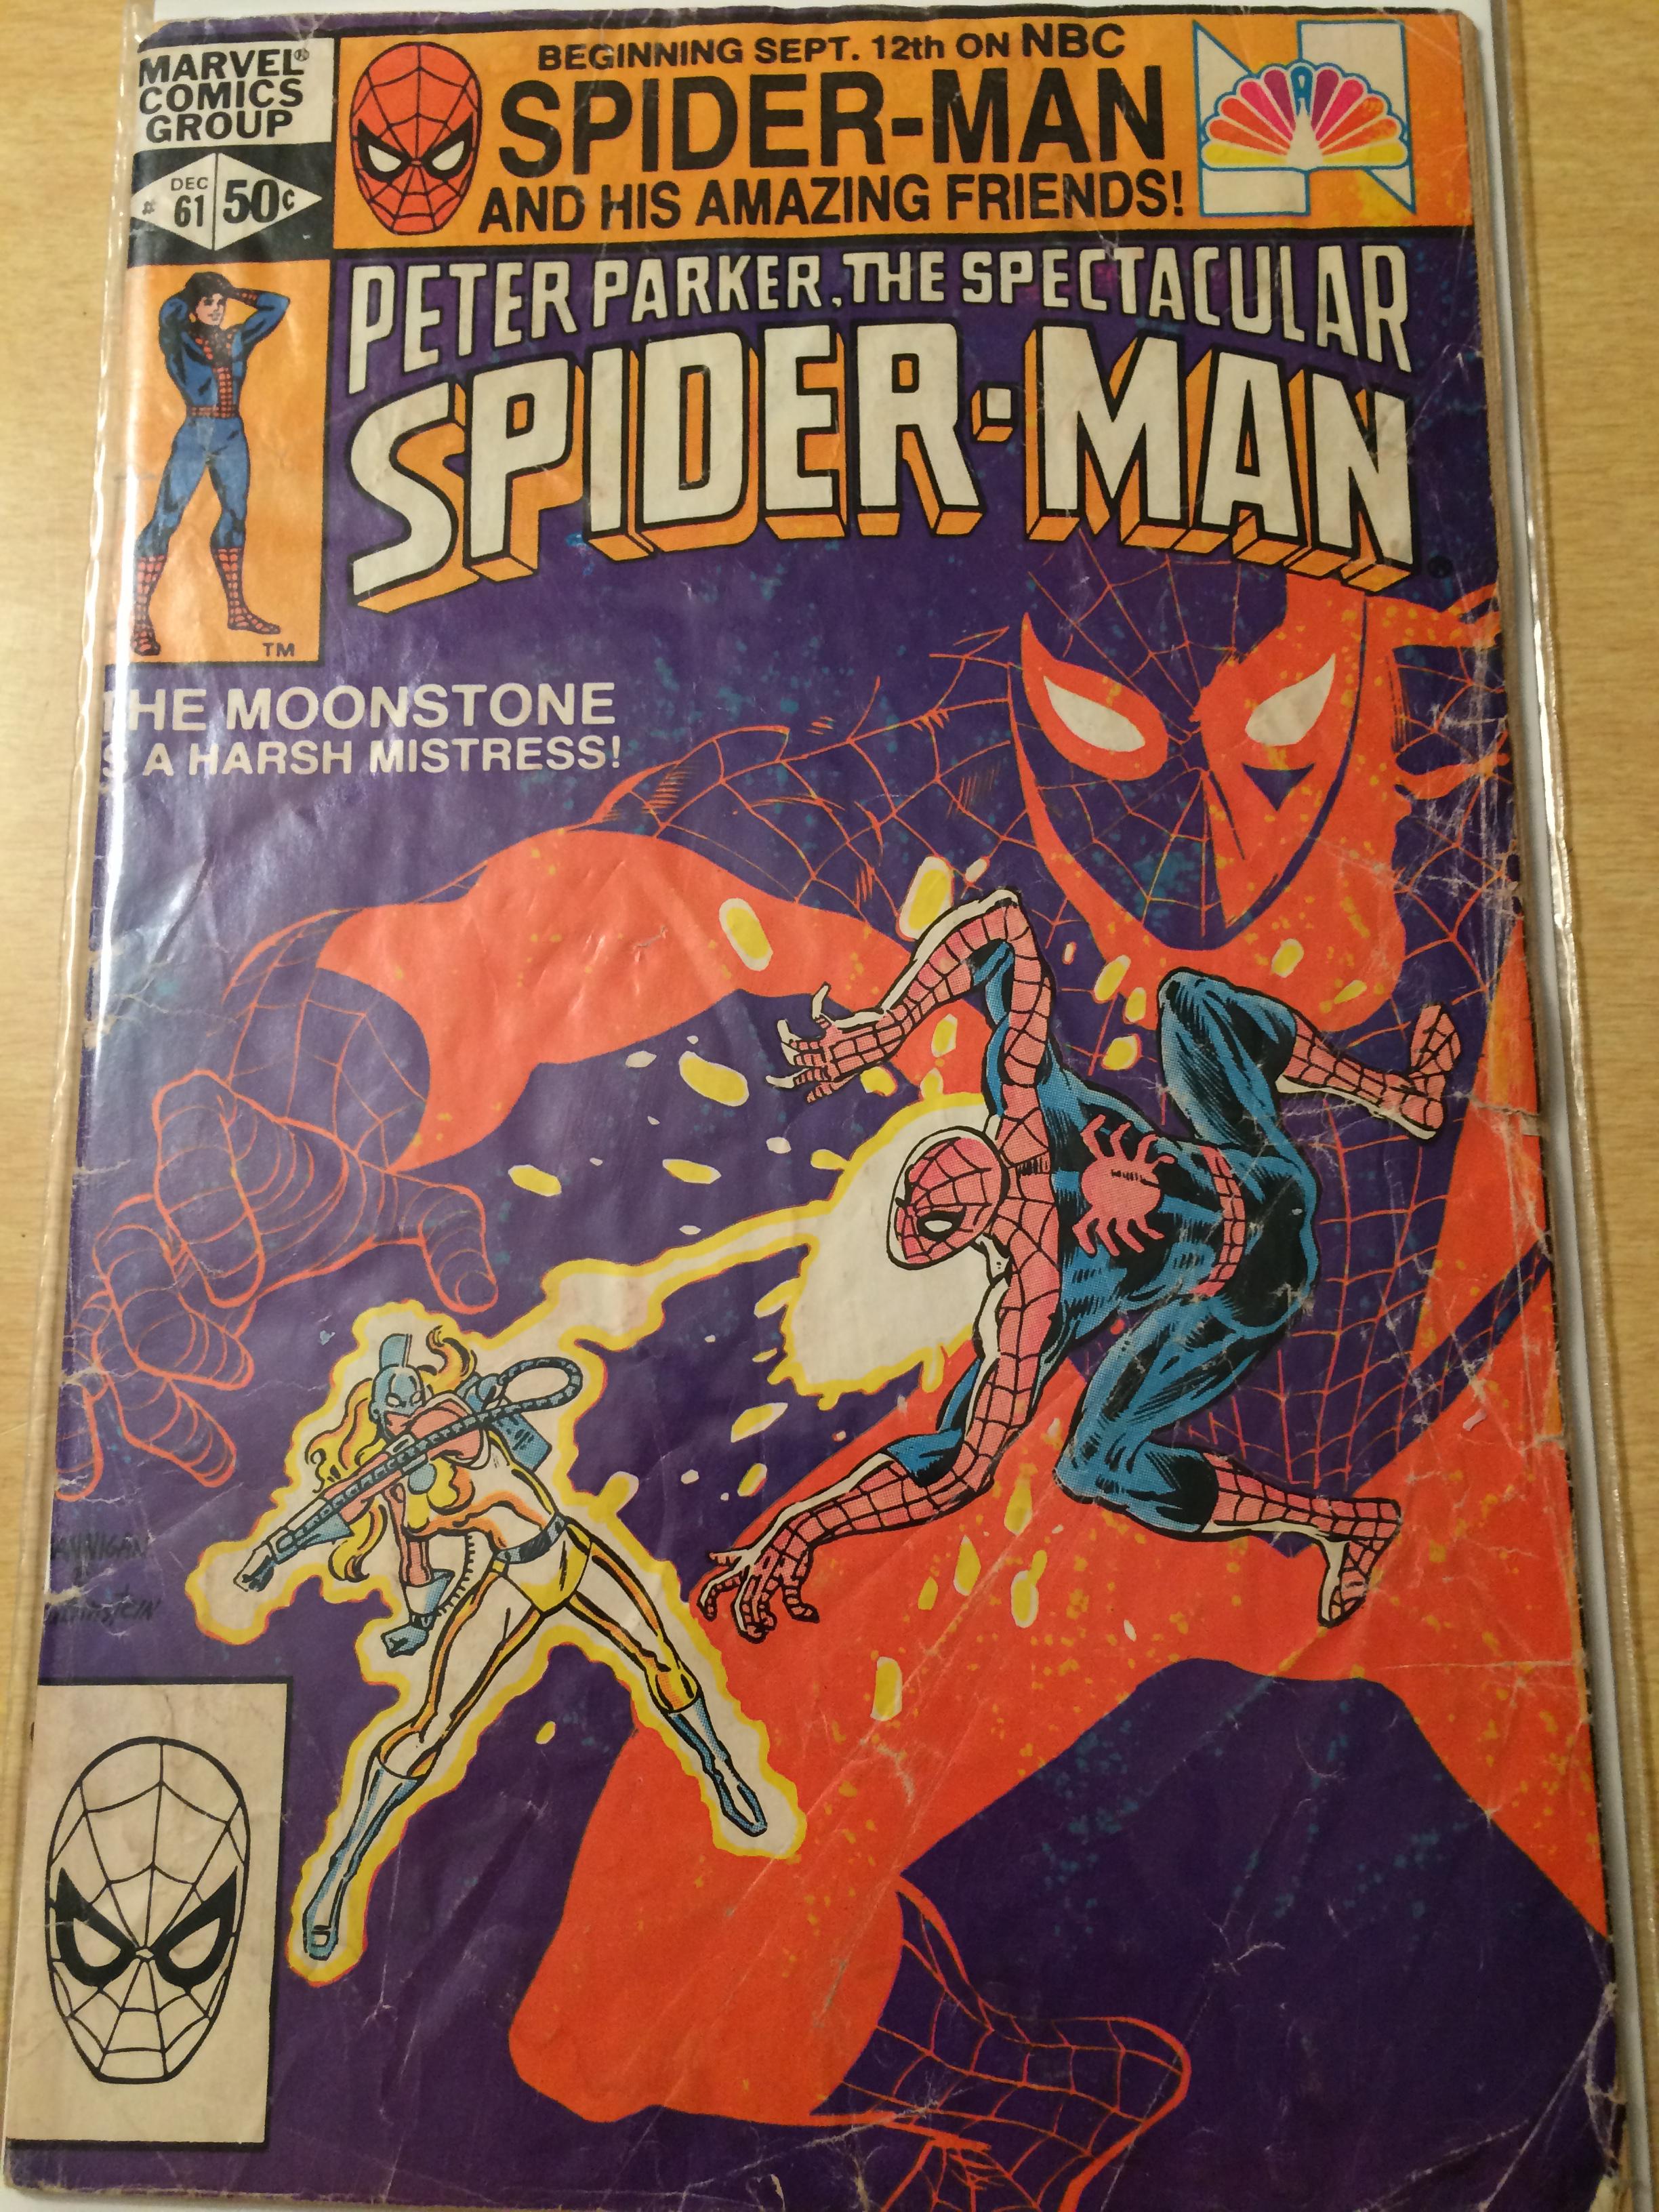 Peter Parker SPECTACULAR SPIDER-MAN #1 DEC 1976 Near Mint or better